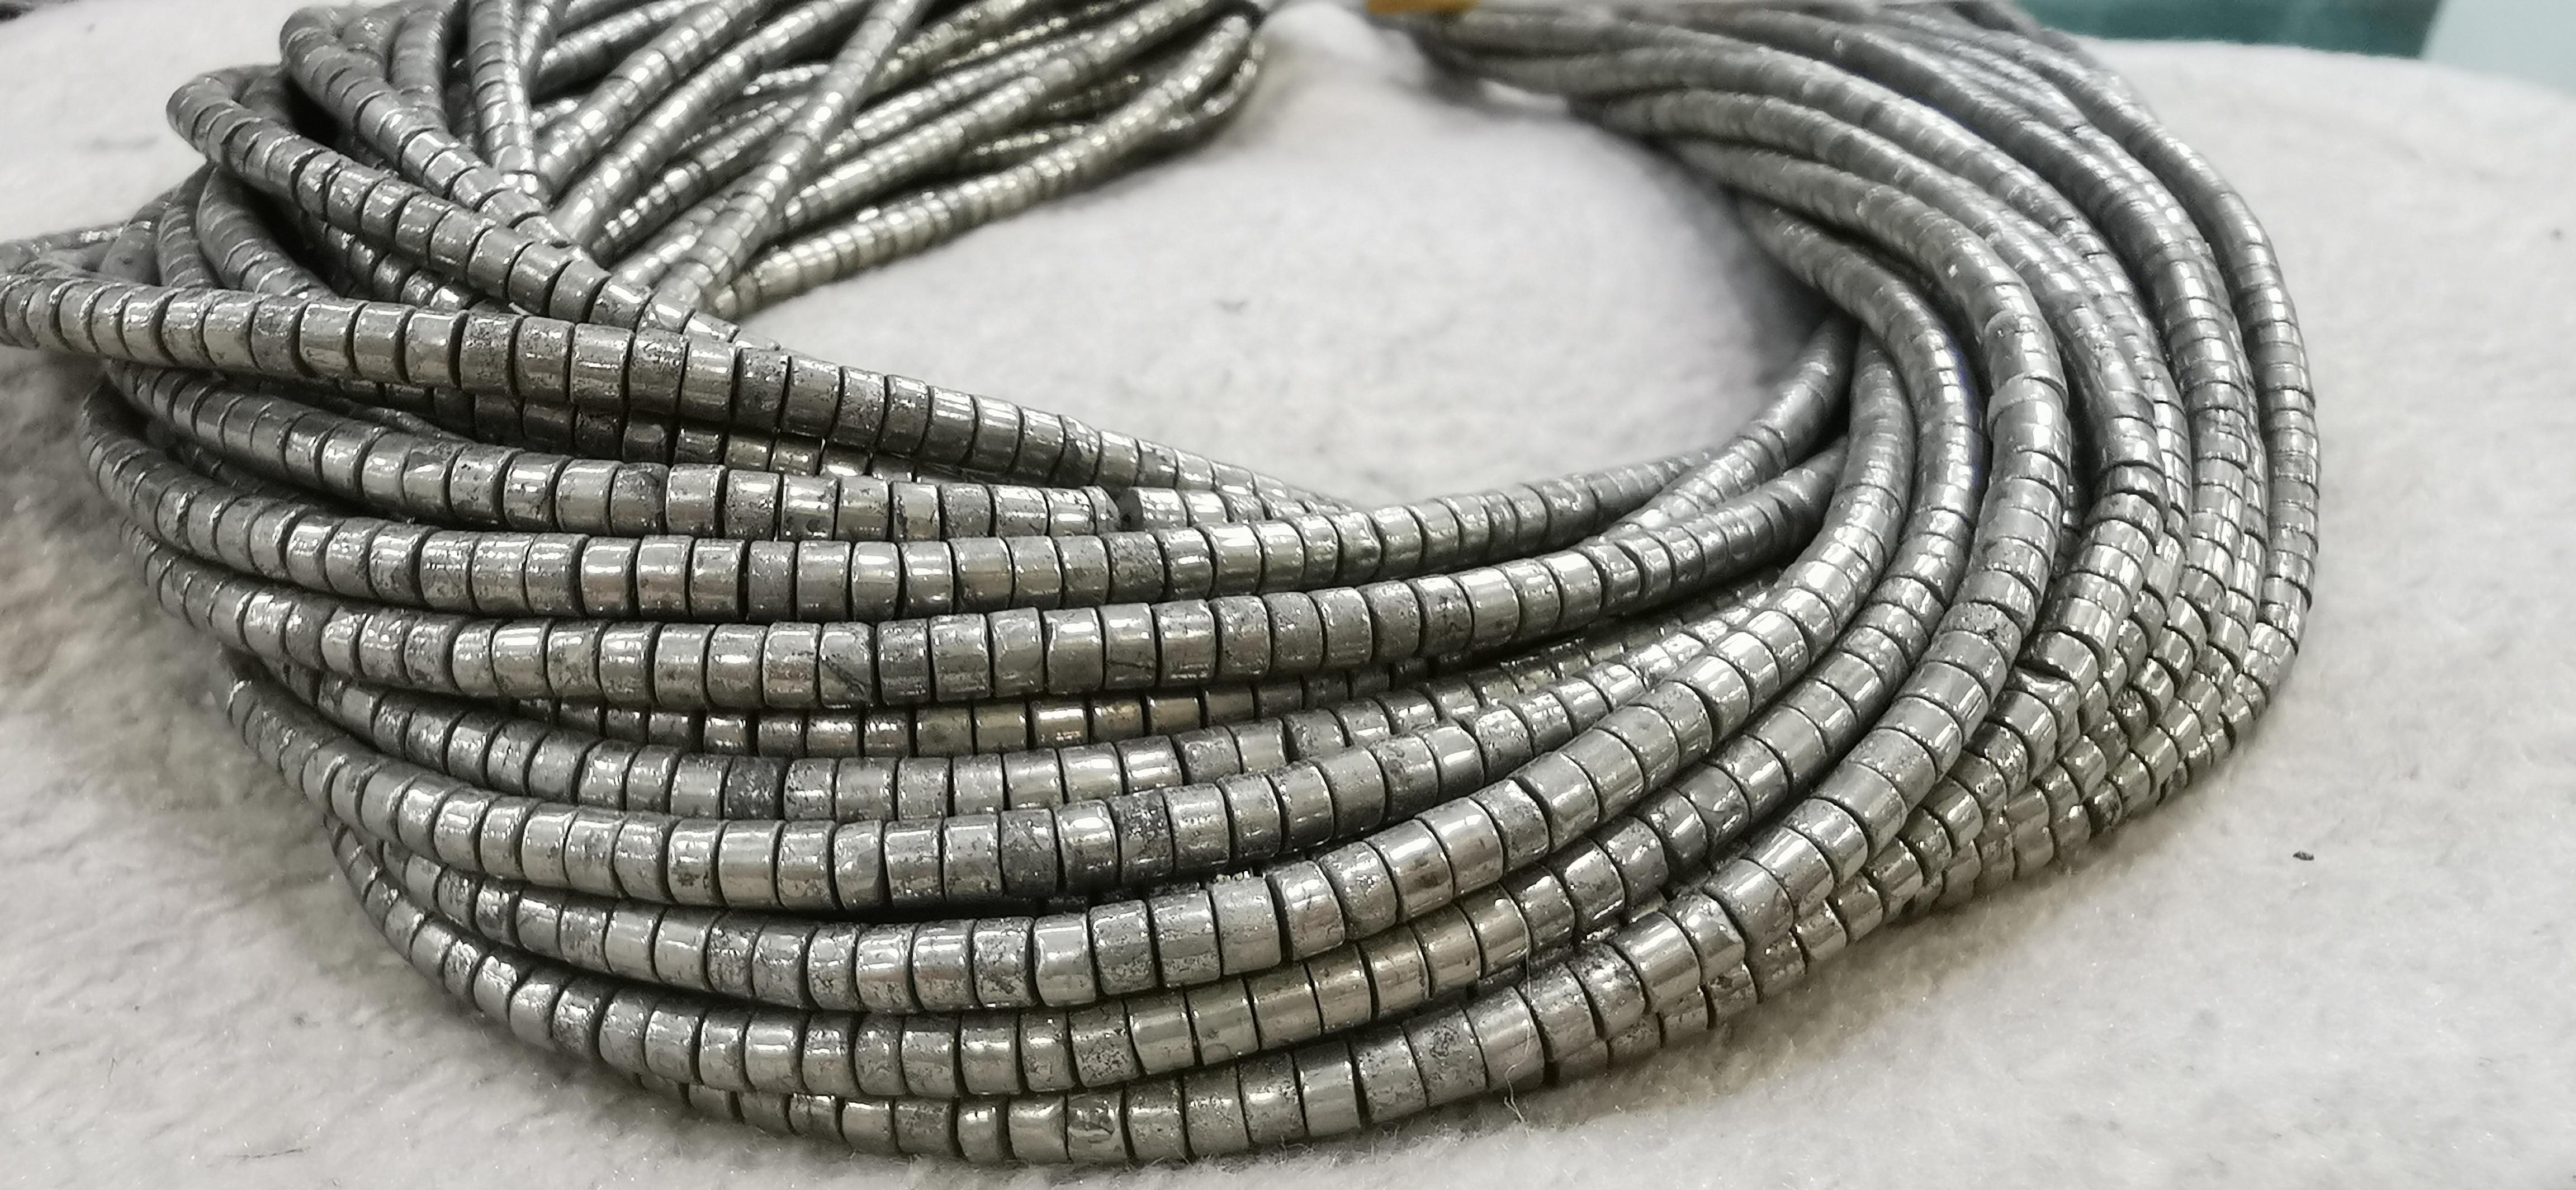 """16 """"filamento completo Natural joyería de pirita de Roundelle Heishi 6x10mm/5x8mm/6x4mm/4x3/3x2mm pirita piedras preciosas cuentas"""